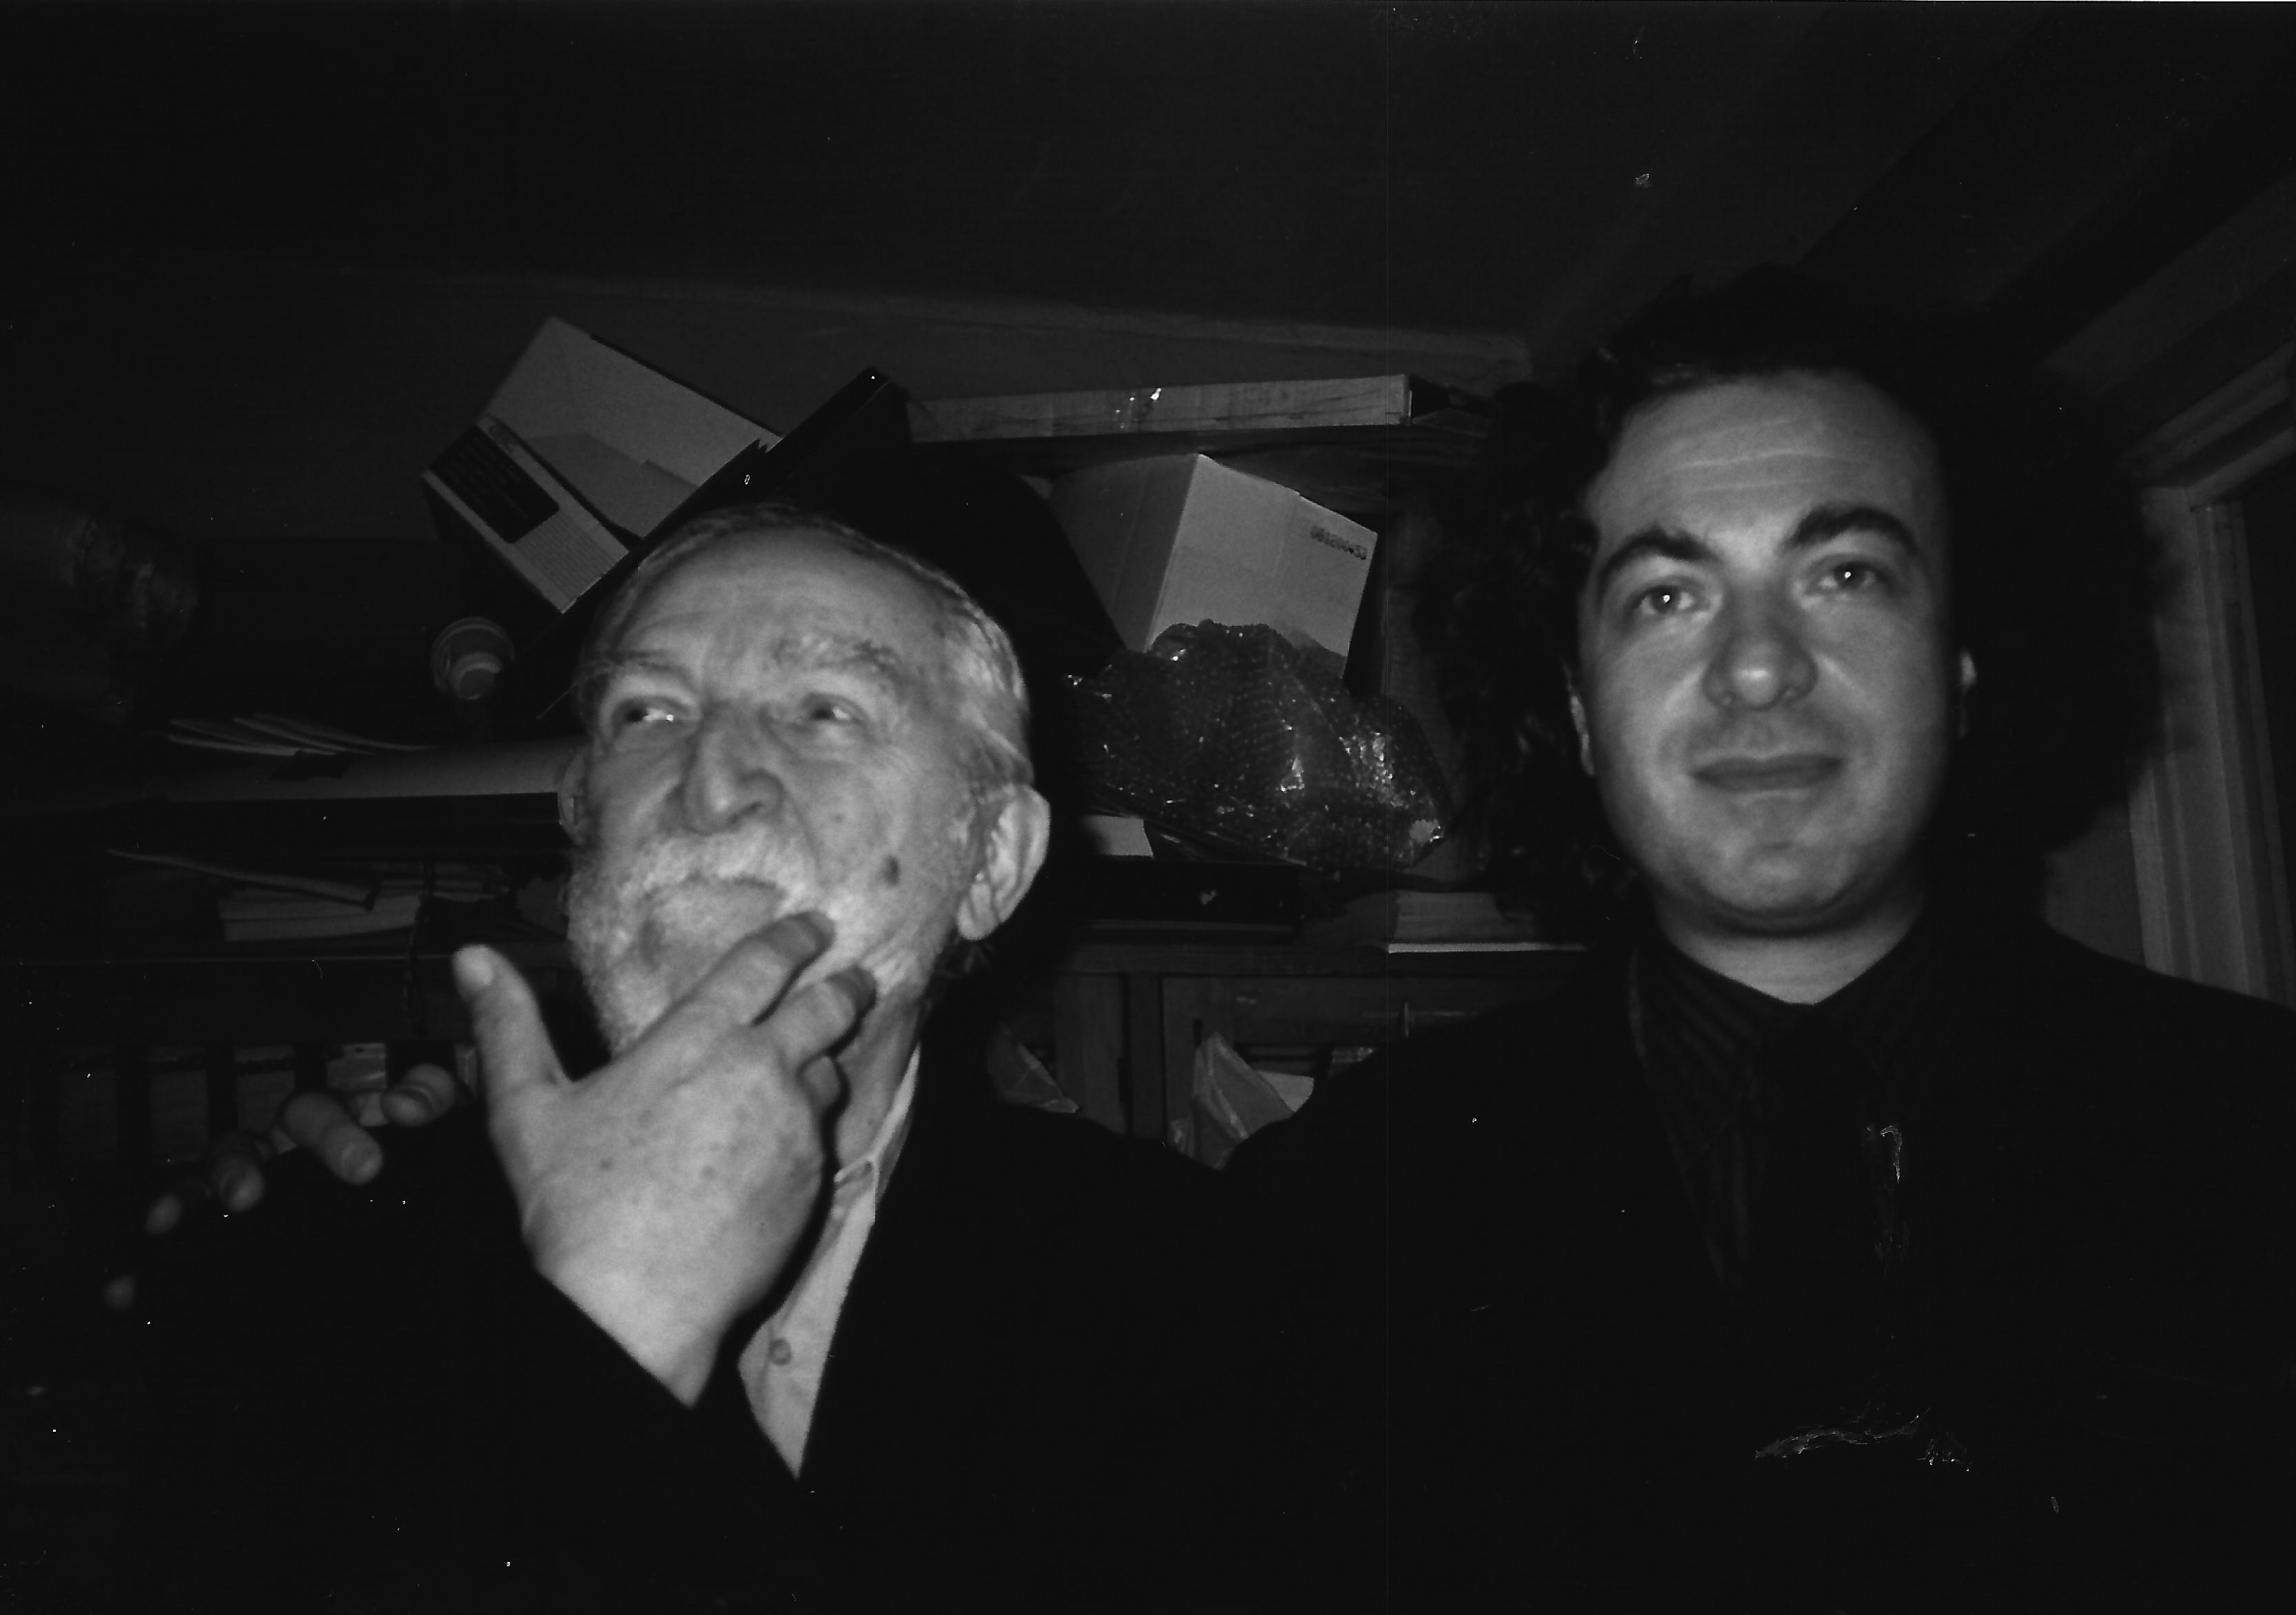 ALBERTO CAPRIOLI NELLO STUDIO DI BOGUSŁAW SCHAEFFER, CRACOVIA, MAGGIO 1999